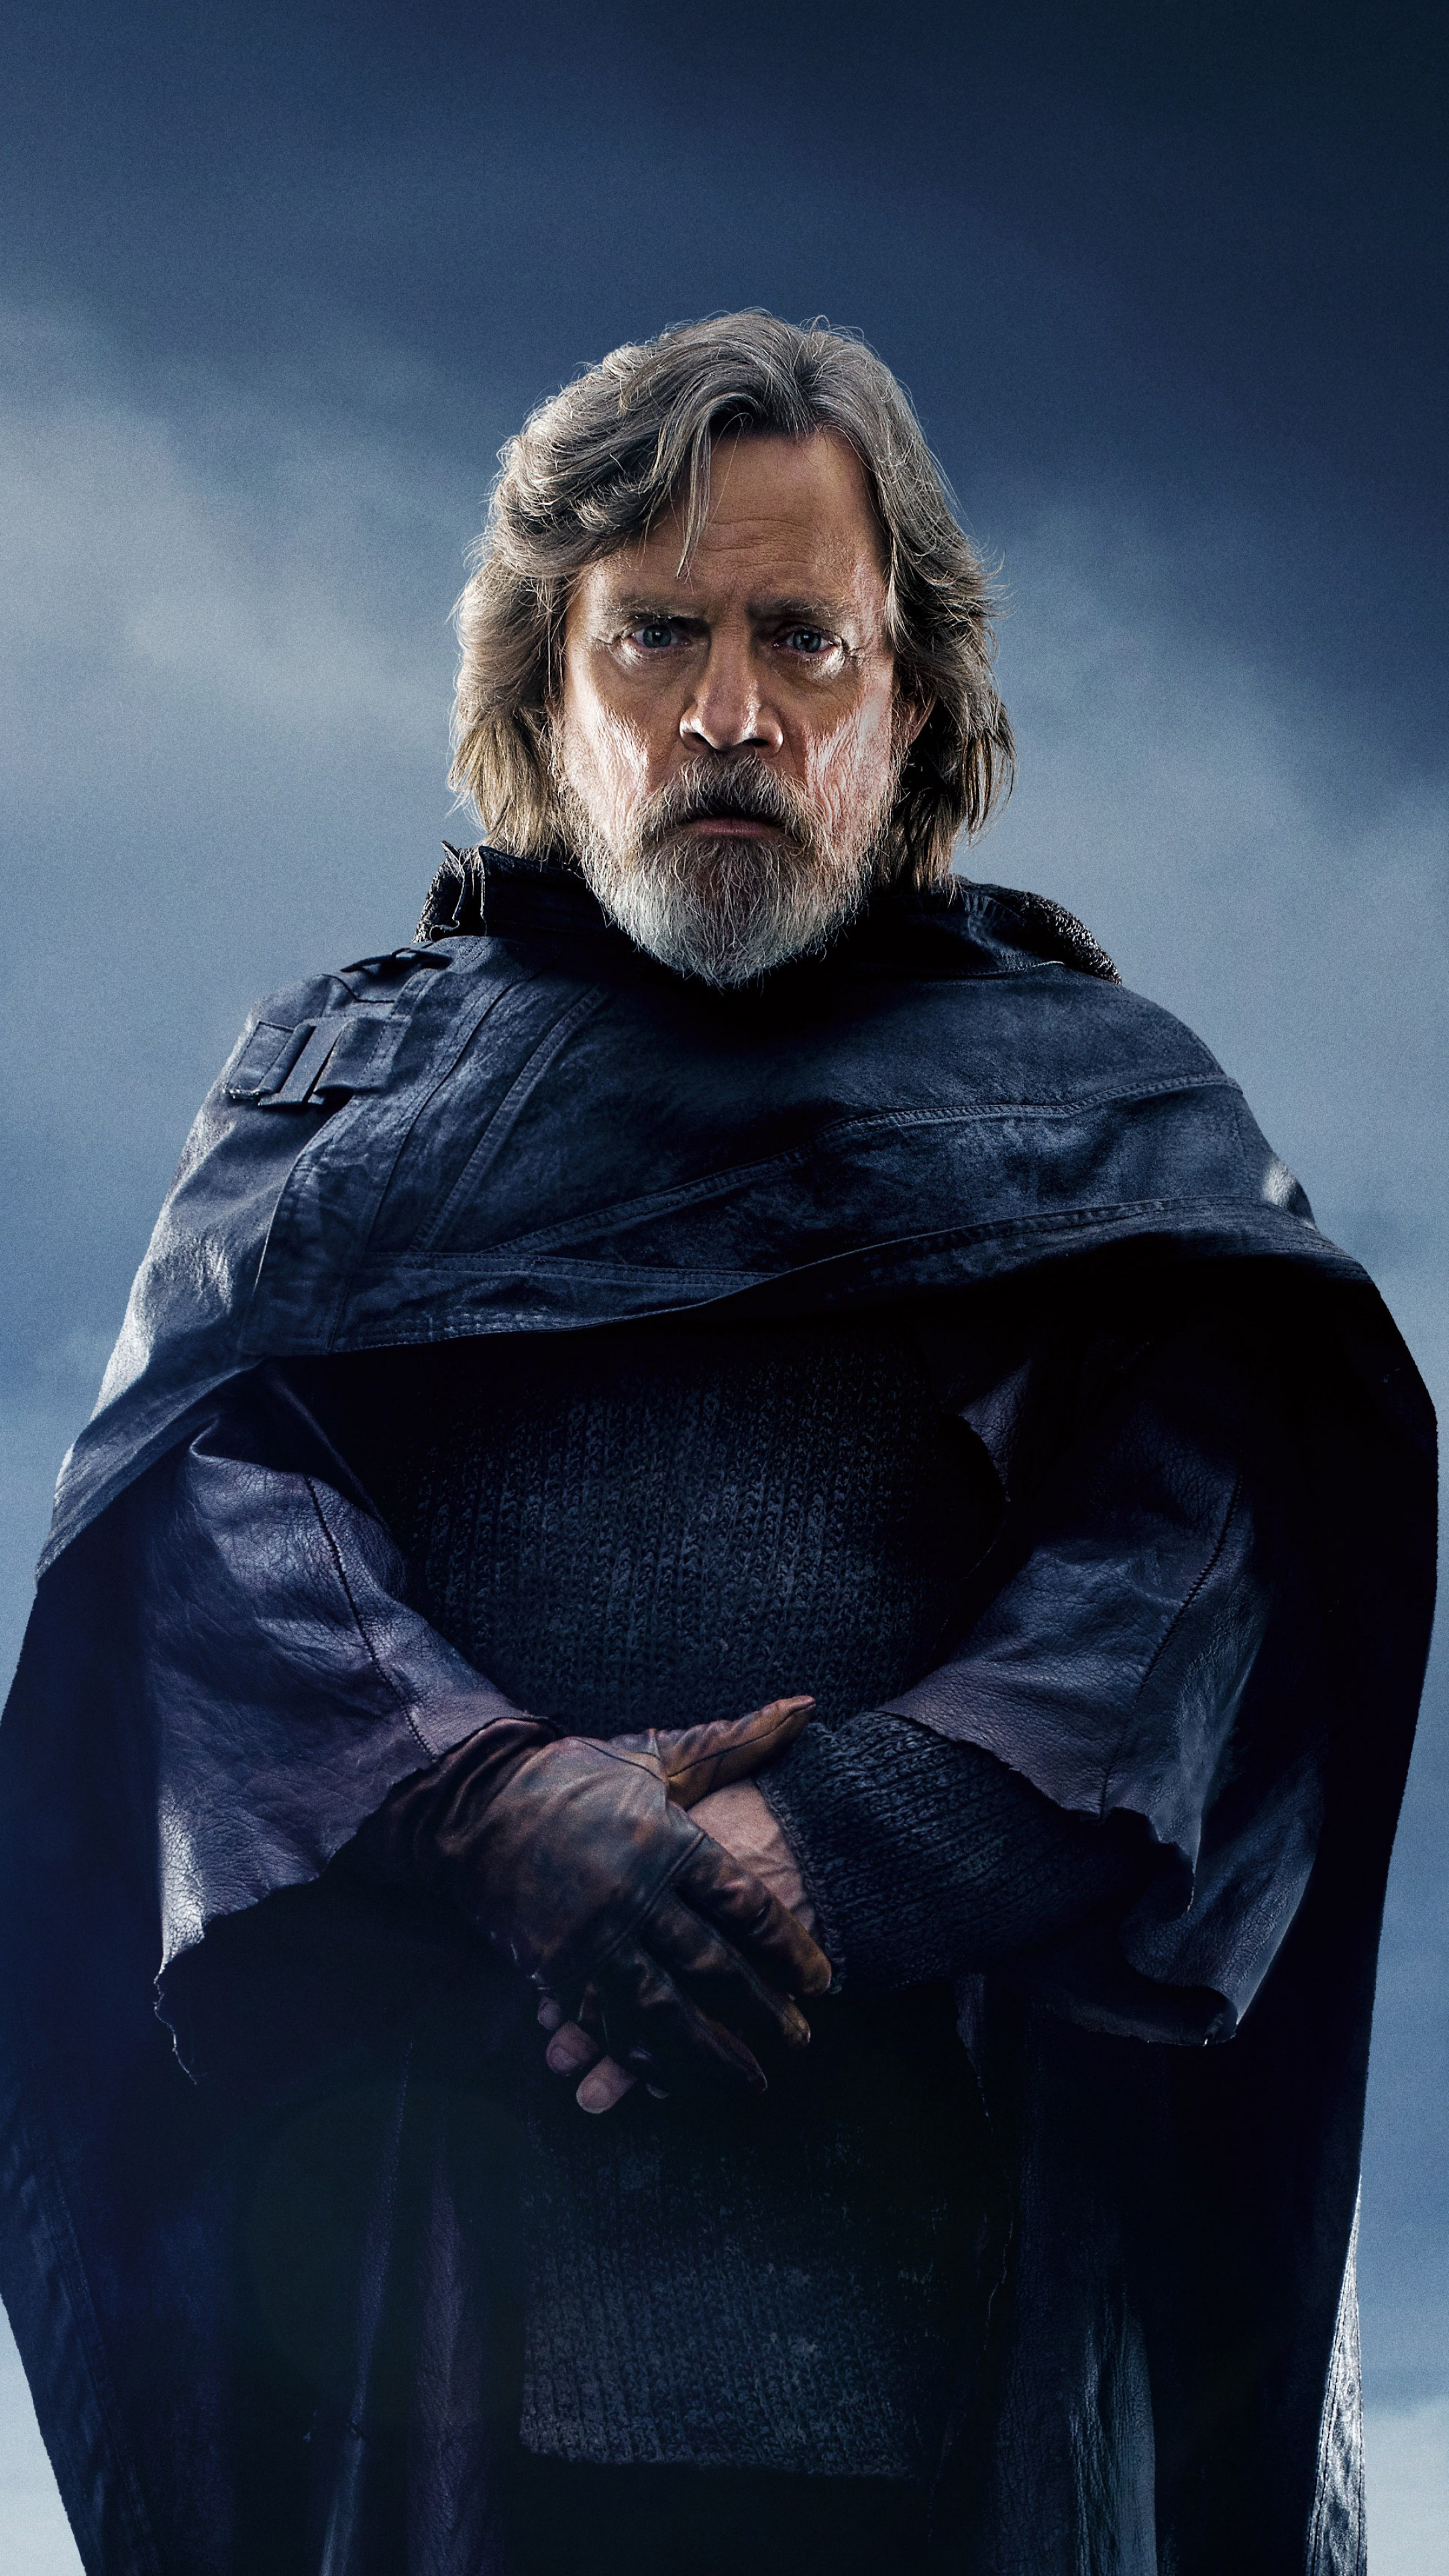 Wallpaper Star Wars The Last Jedi Mark Hamill 5k Movies 16940 2160x3840